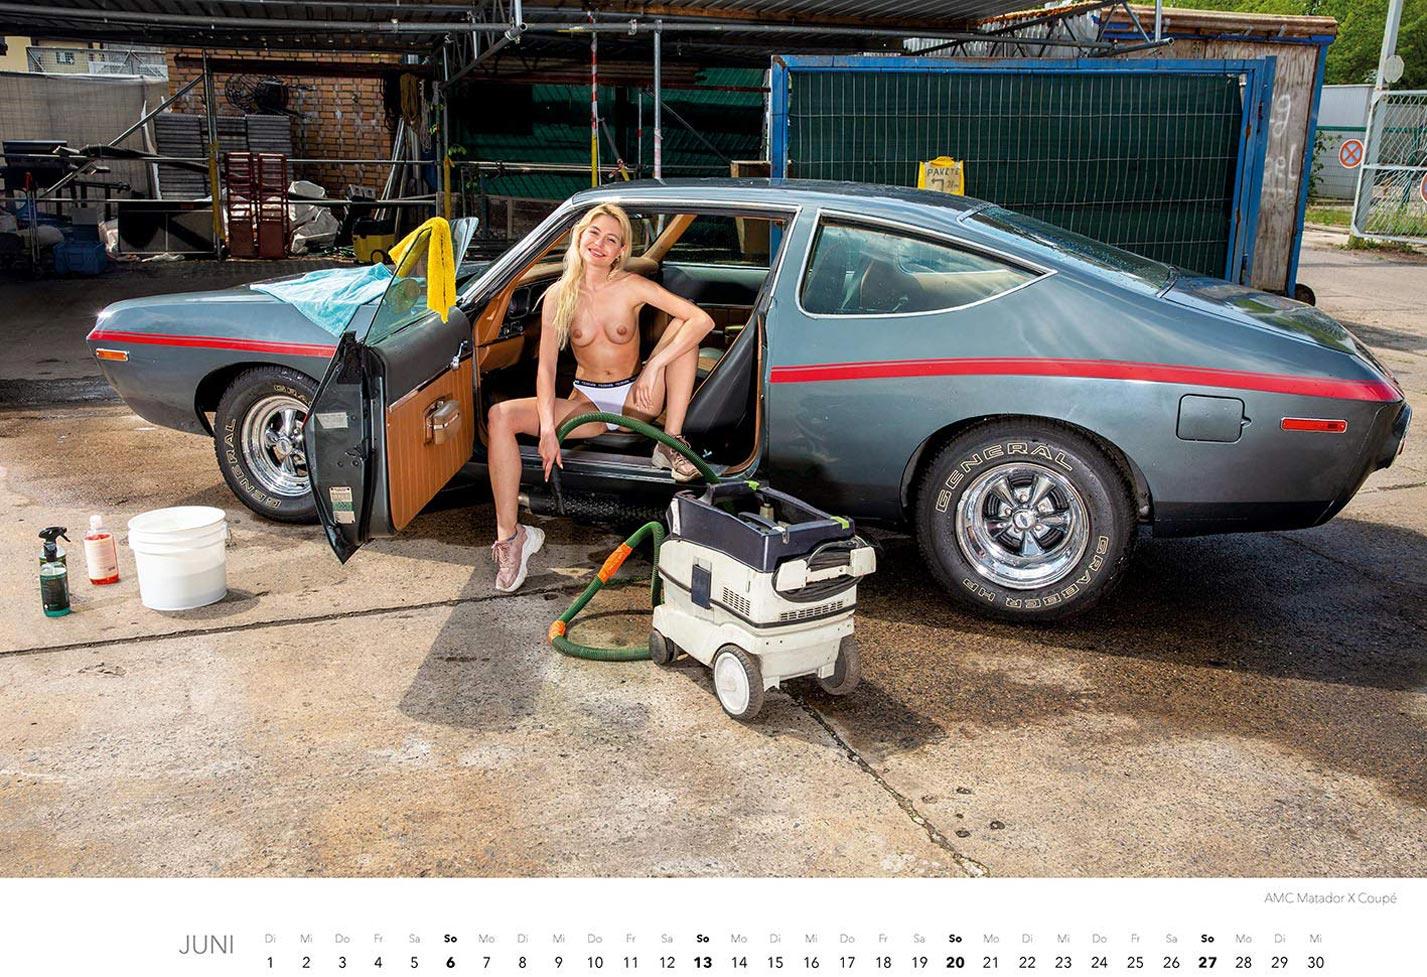 Эротический календарь с сексуальными полуголыми девушками, моющими машины / июнь